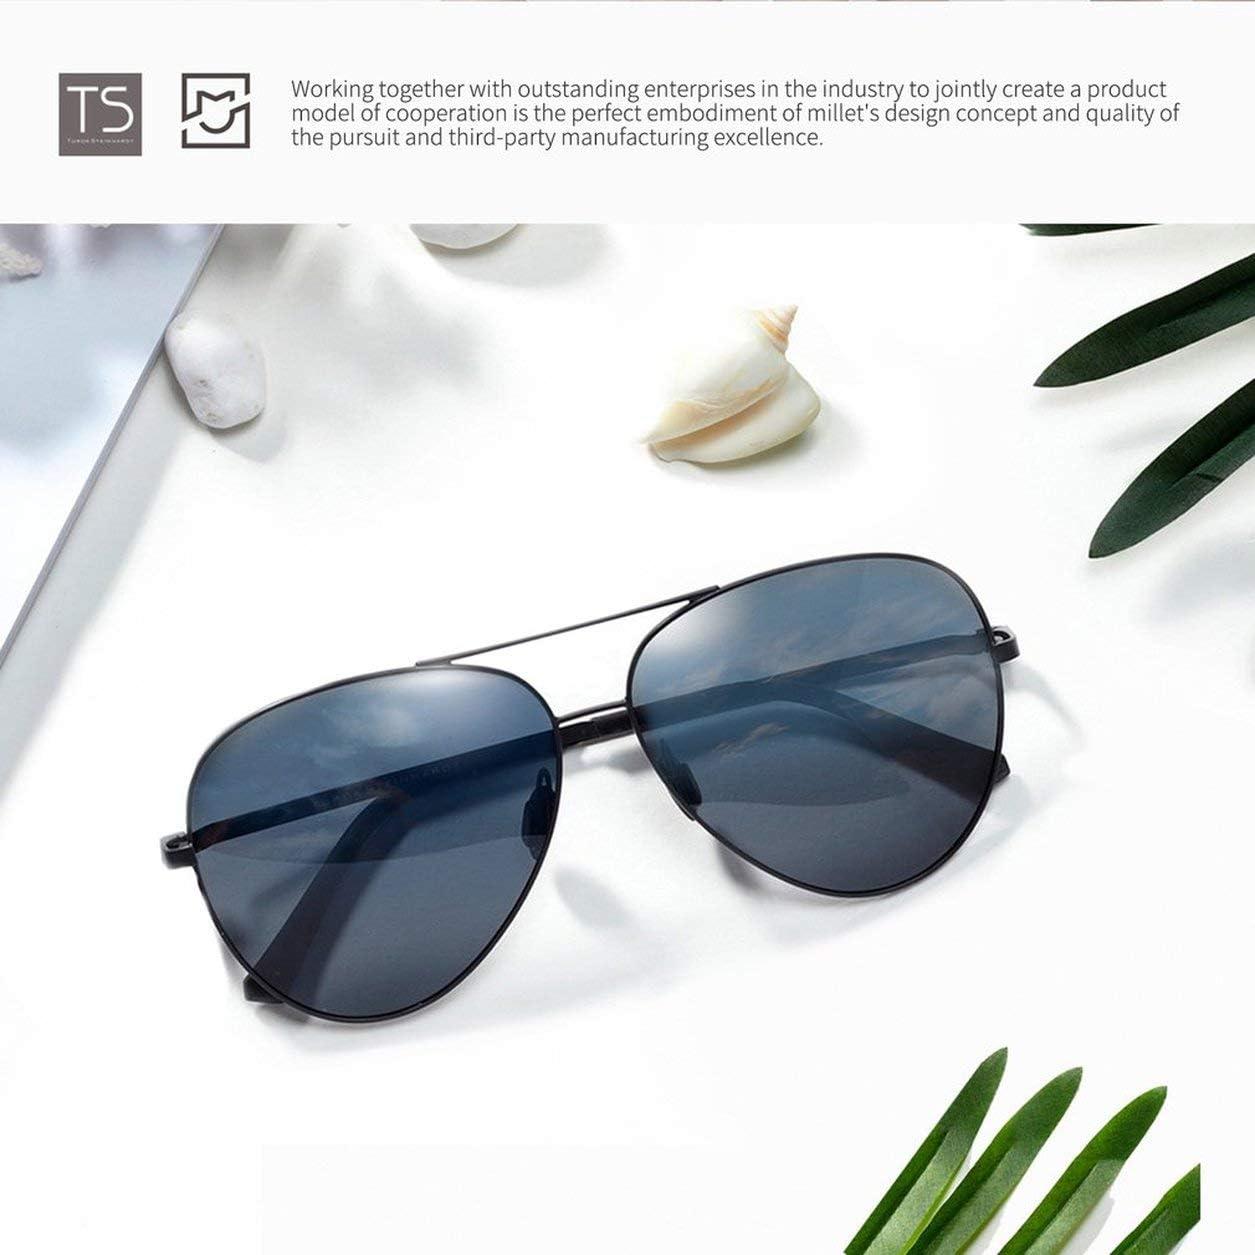 Dailyinshop Gafas de Sol polarizadas Xiaomi Mijia TS Protección UV400 Lentes de Espejo Solar Gafas para Viajes al Aire Libre Versión Global Unisex (Color: Gris)